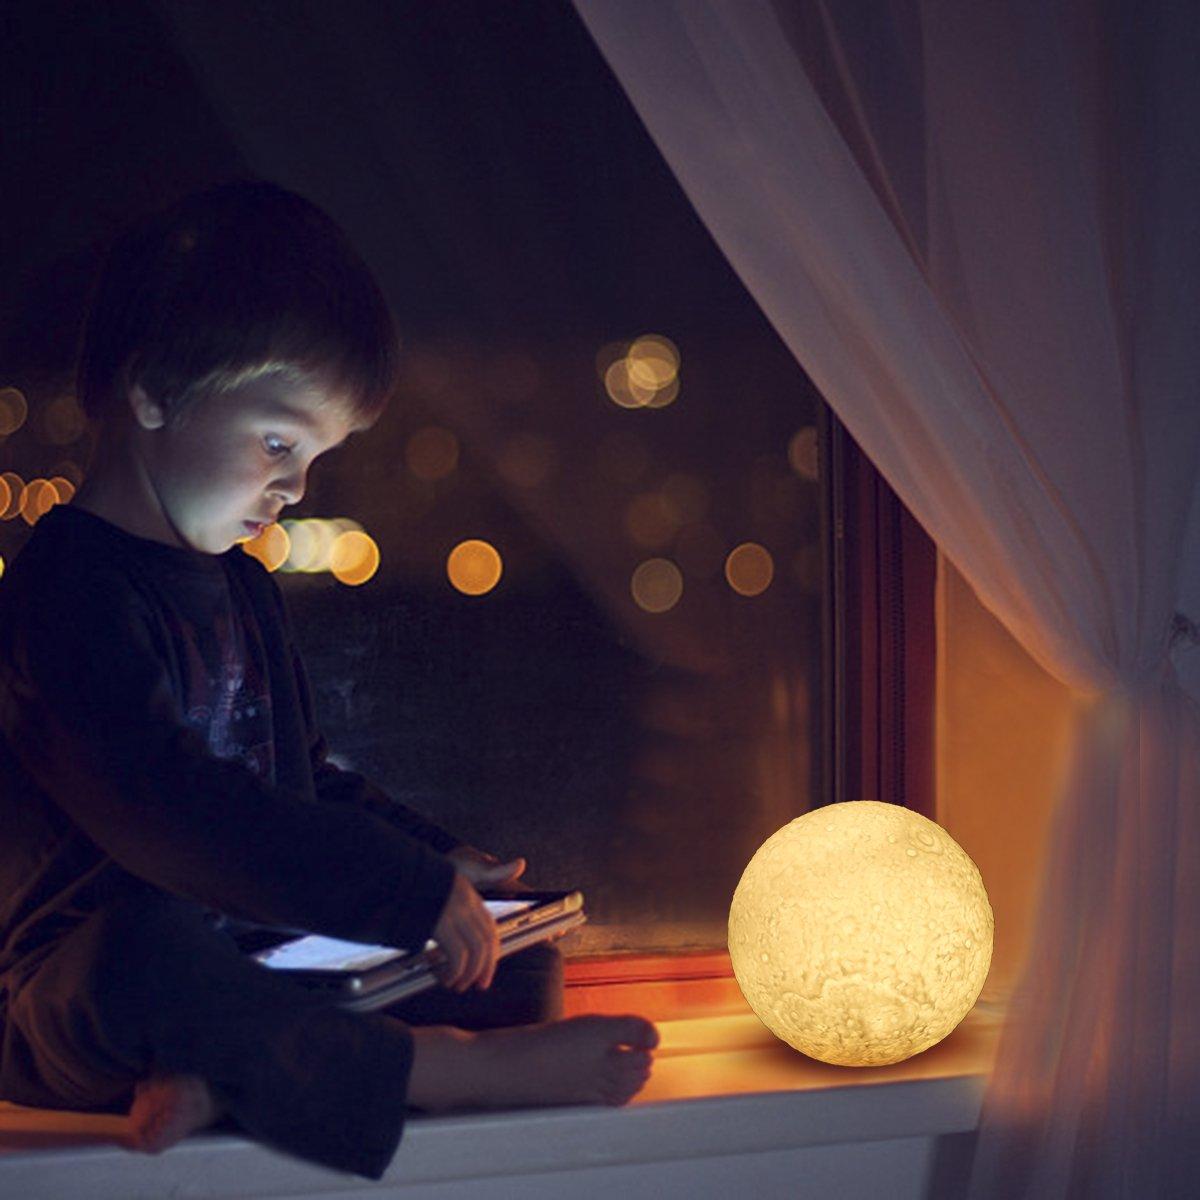 Ideale Geschenk f/ür Freunde 3D Mond Lampe Mond dimmbare Nachtlampe Holz Tischlampe Baby Sch/üler Kinder Mond LED Nachtlicht B-right Gro/ßer Mondlicht Kinderzimmerlampe,USB Aufladung